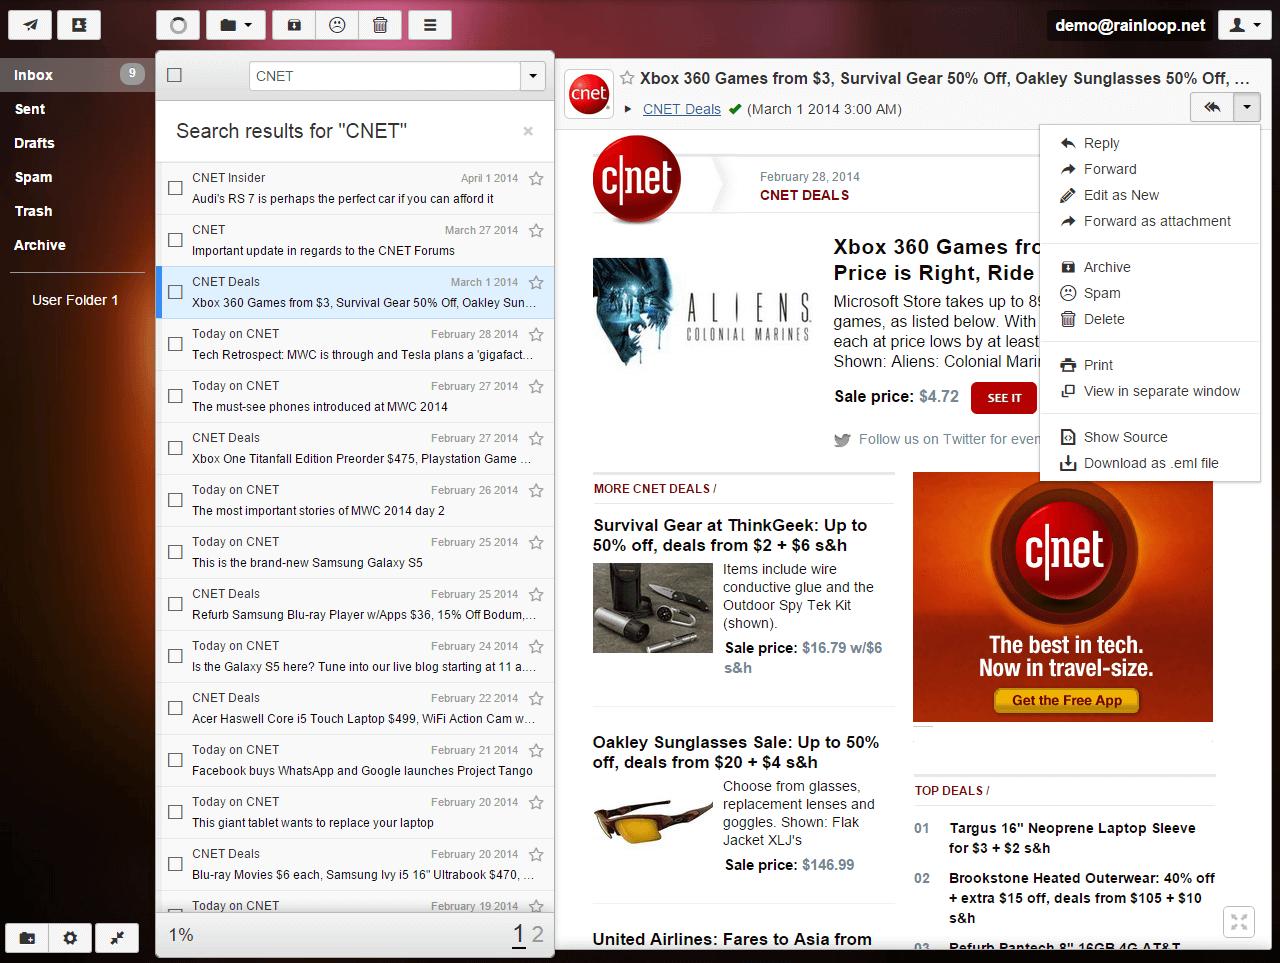 RainLoop Screenshot 1